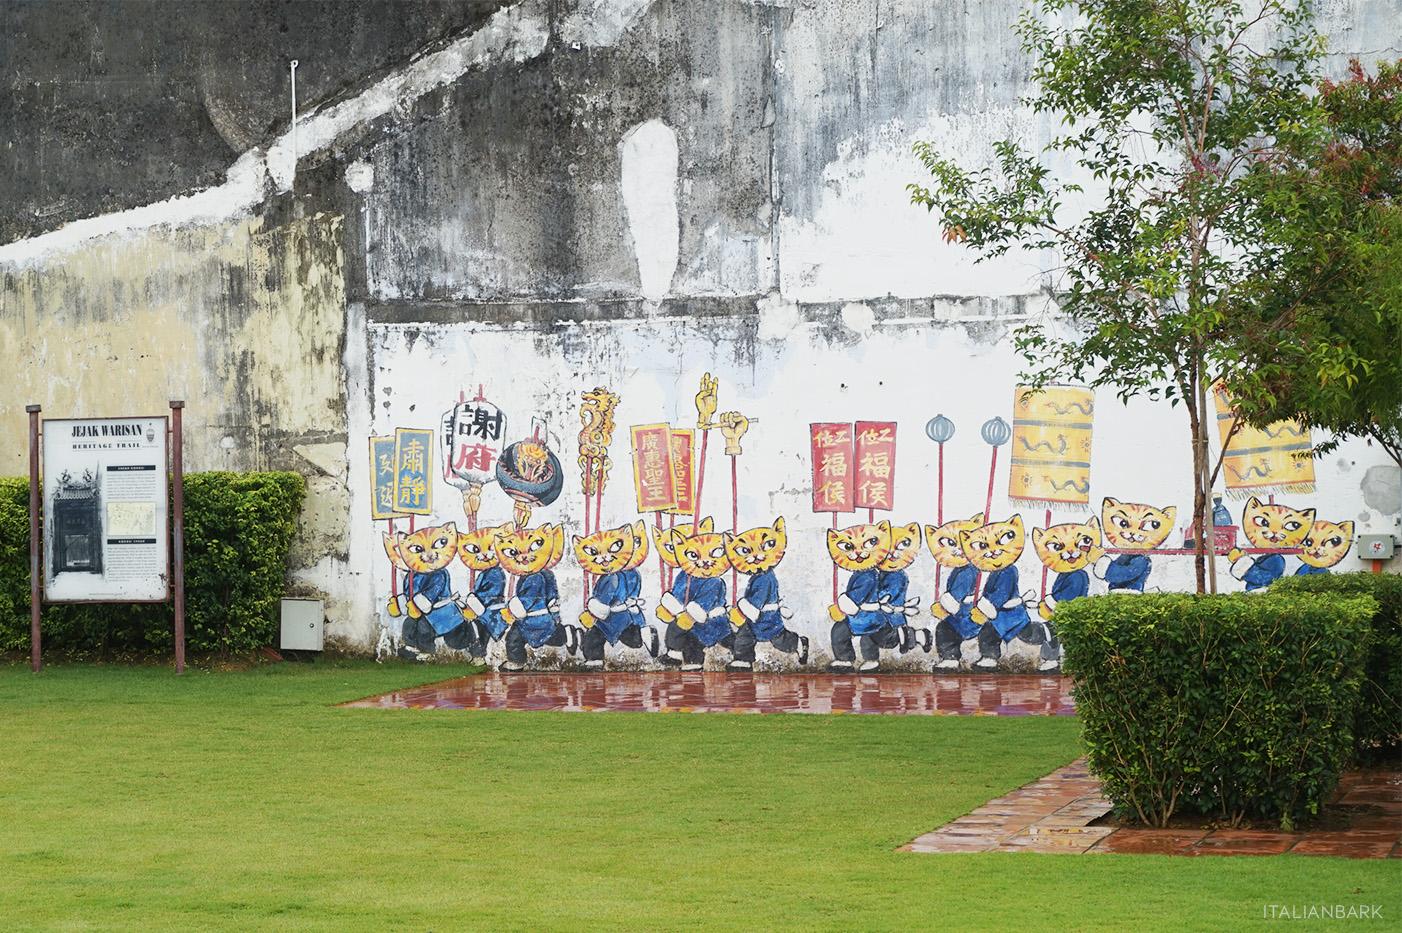 street-art-penang-italianbark-11